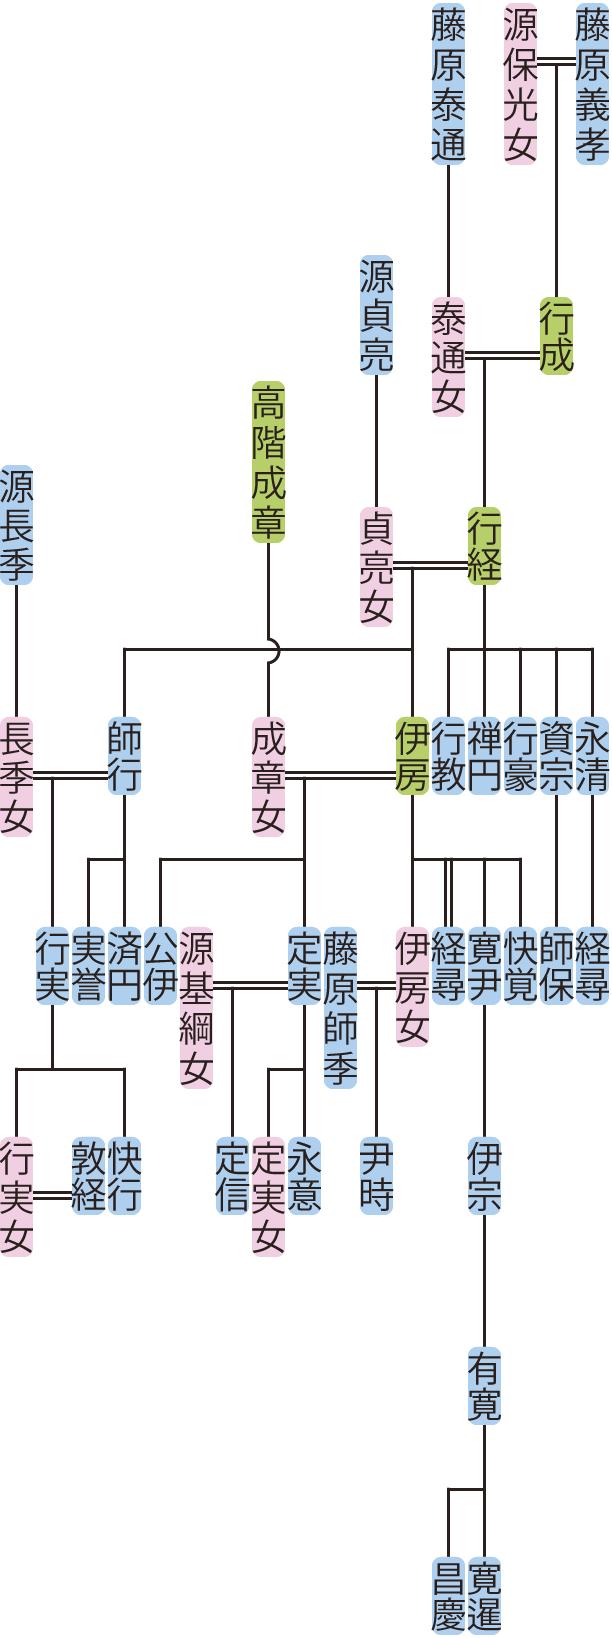 藤原行経・伊房の系図